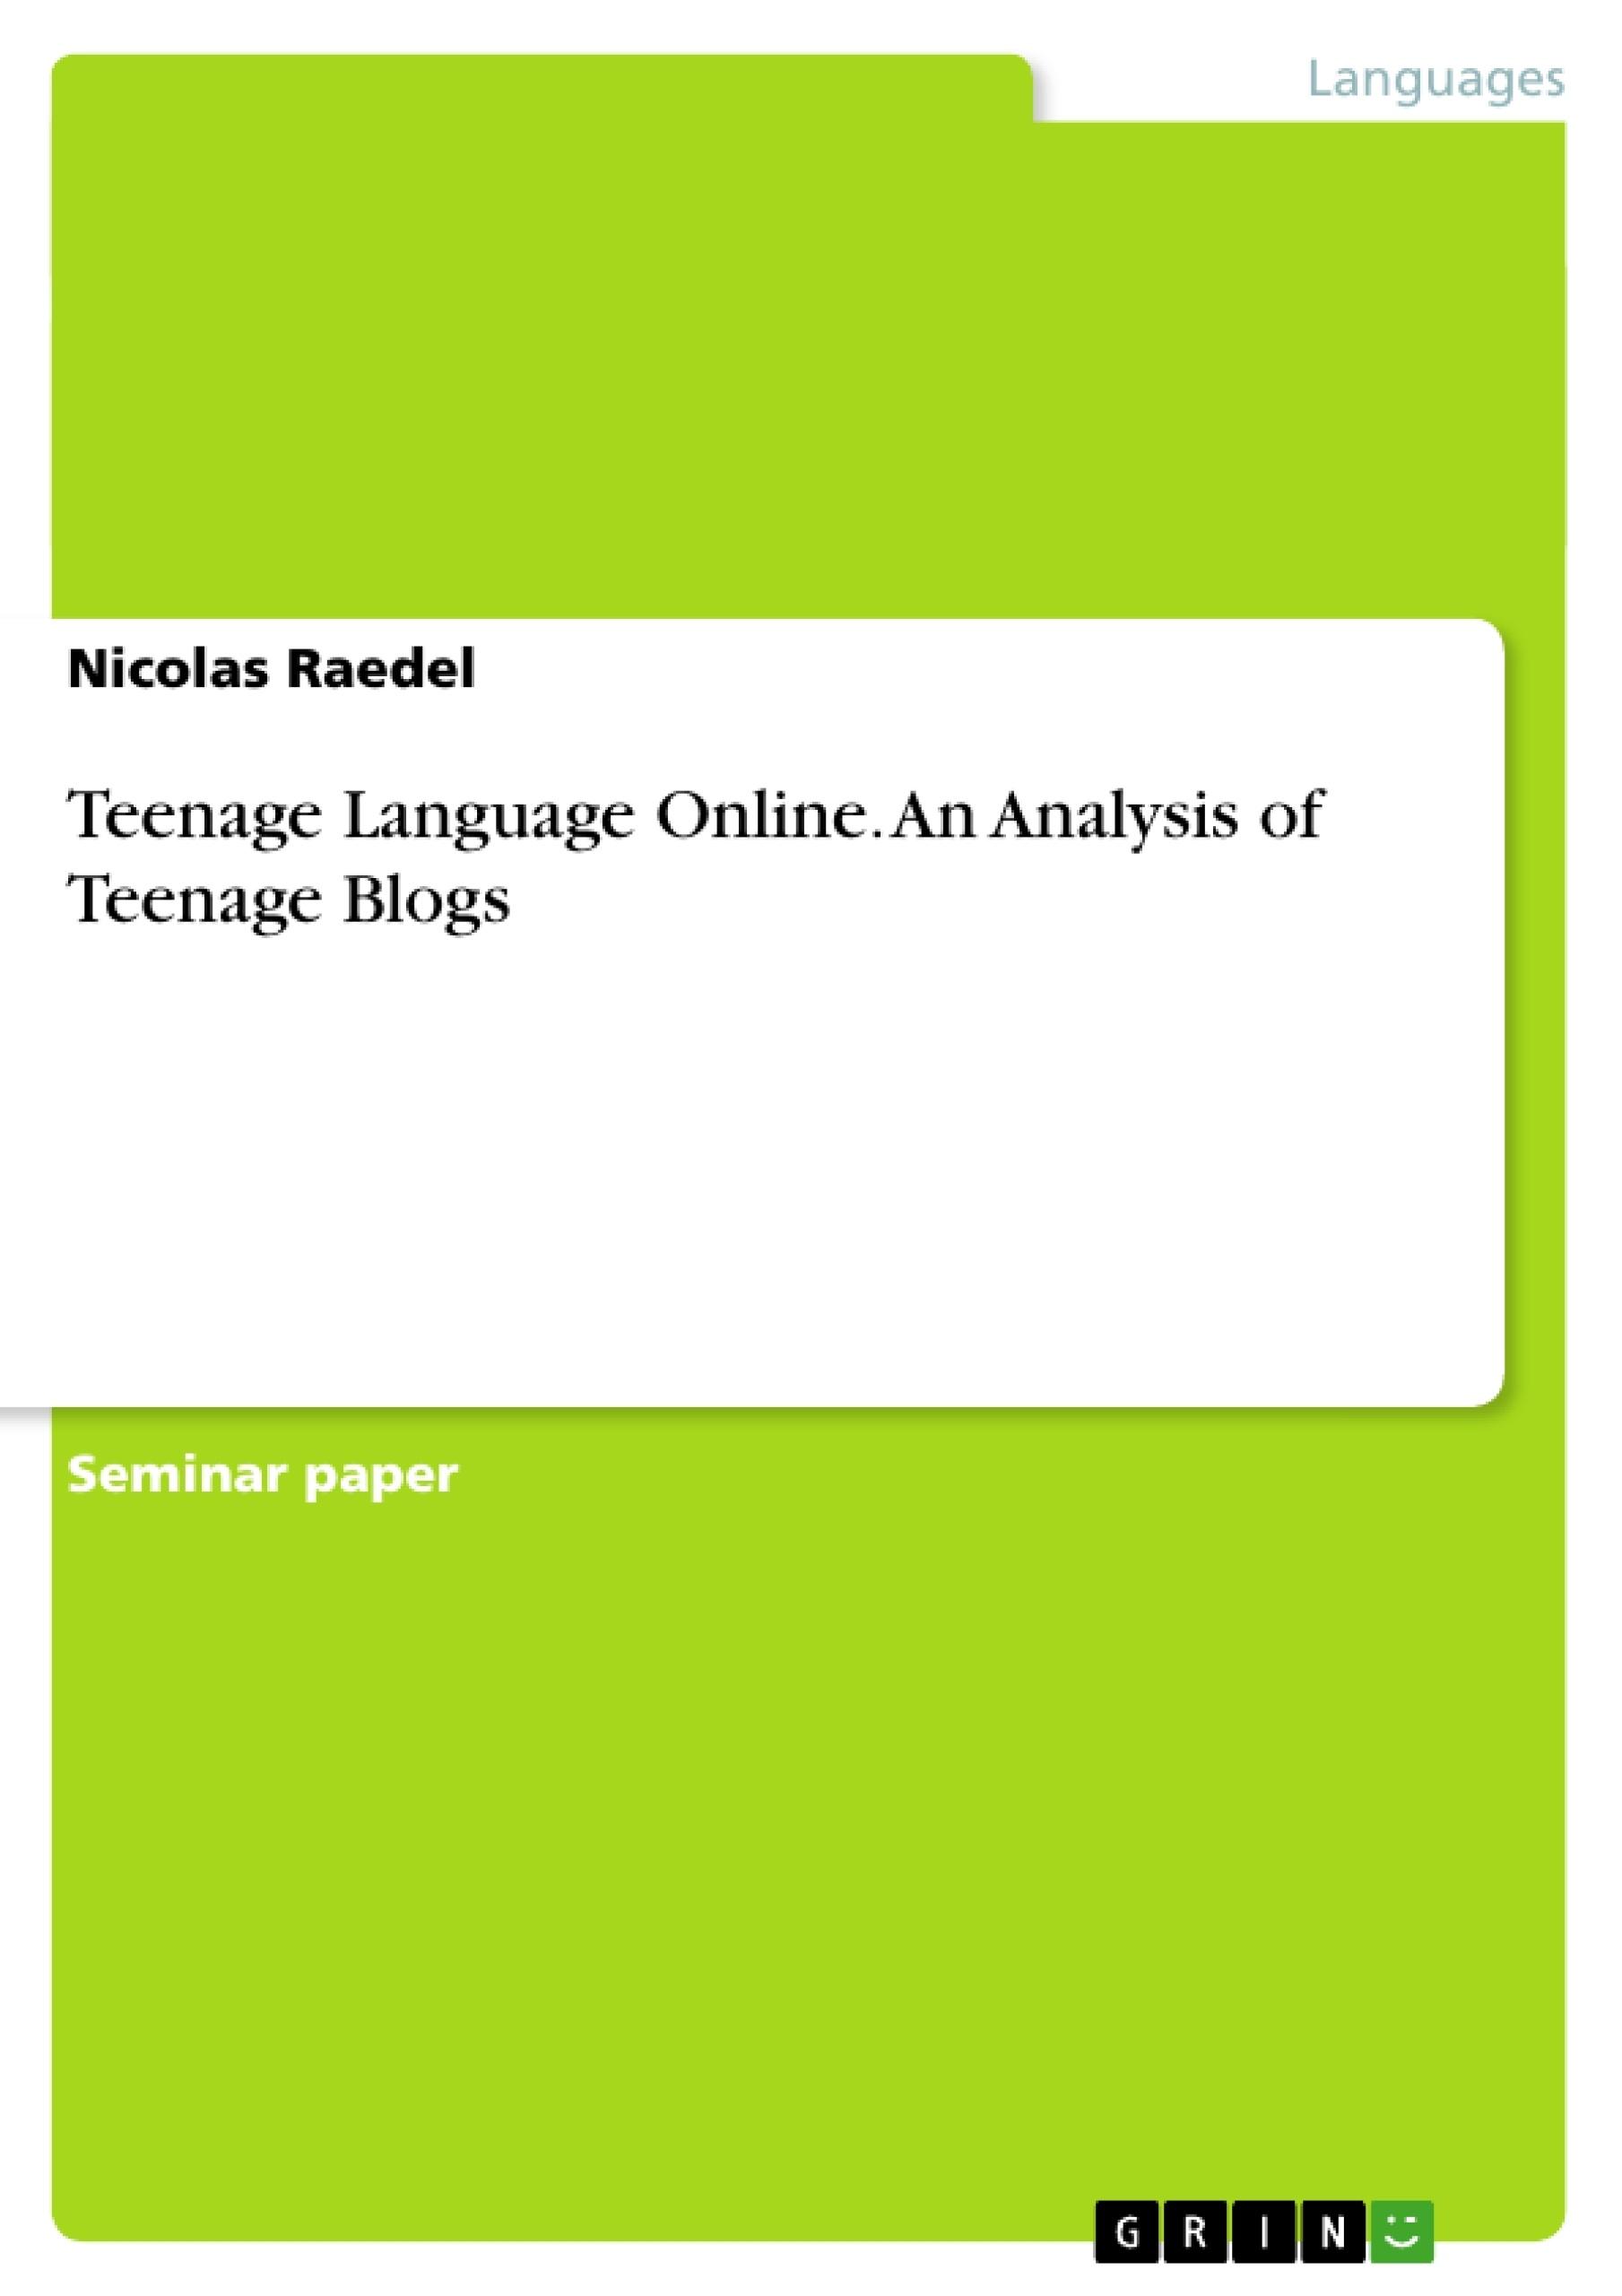 Title: Teenage Language Online. An Analysis of Teenage Blogs